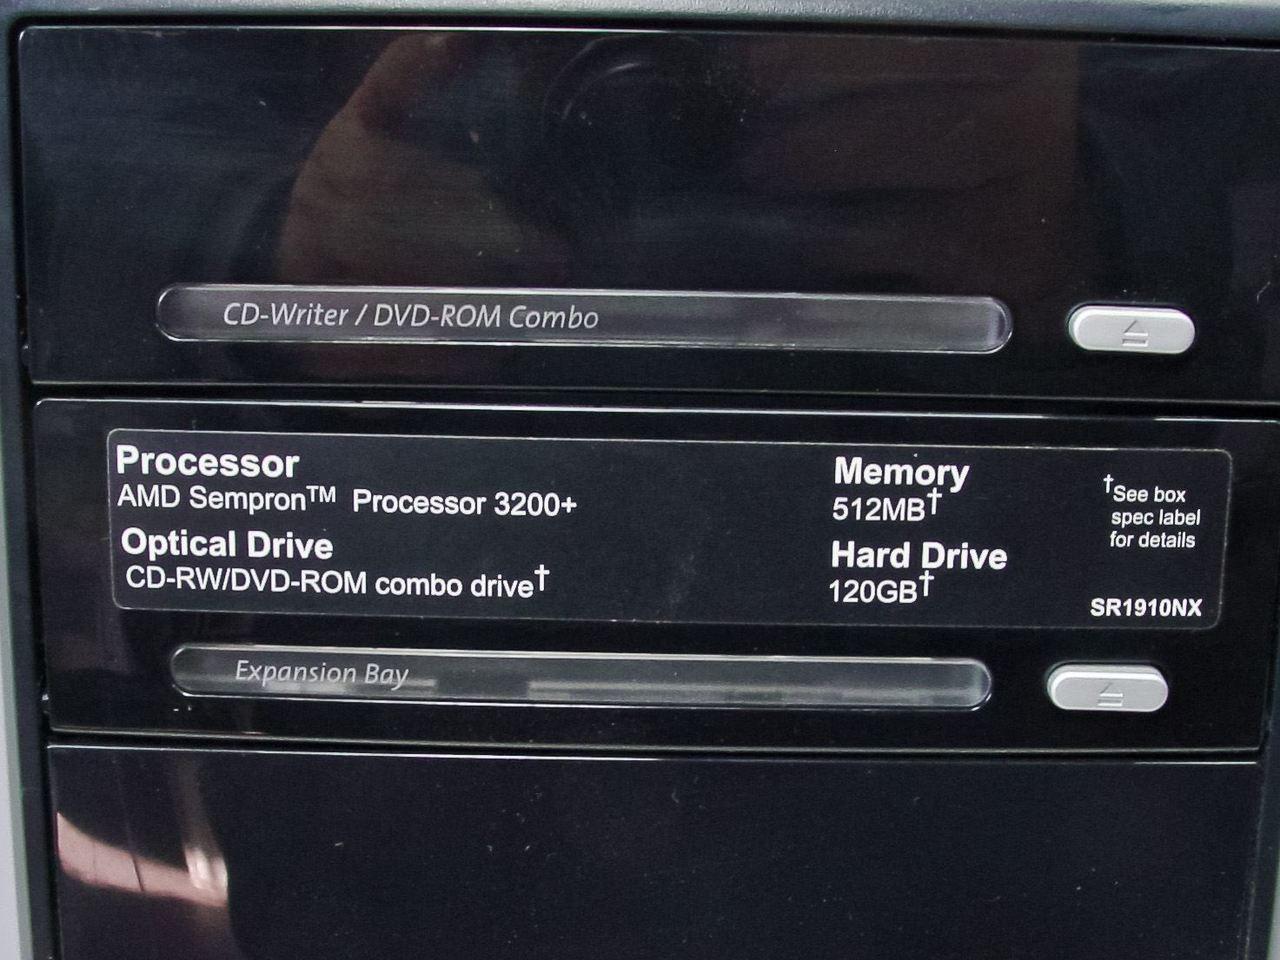 DRIVERS: COMPAQ SR1910NX